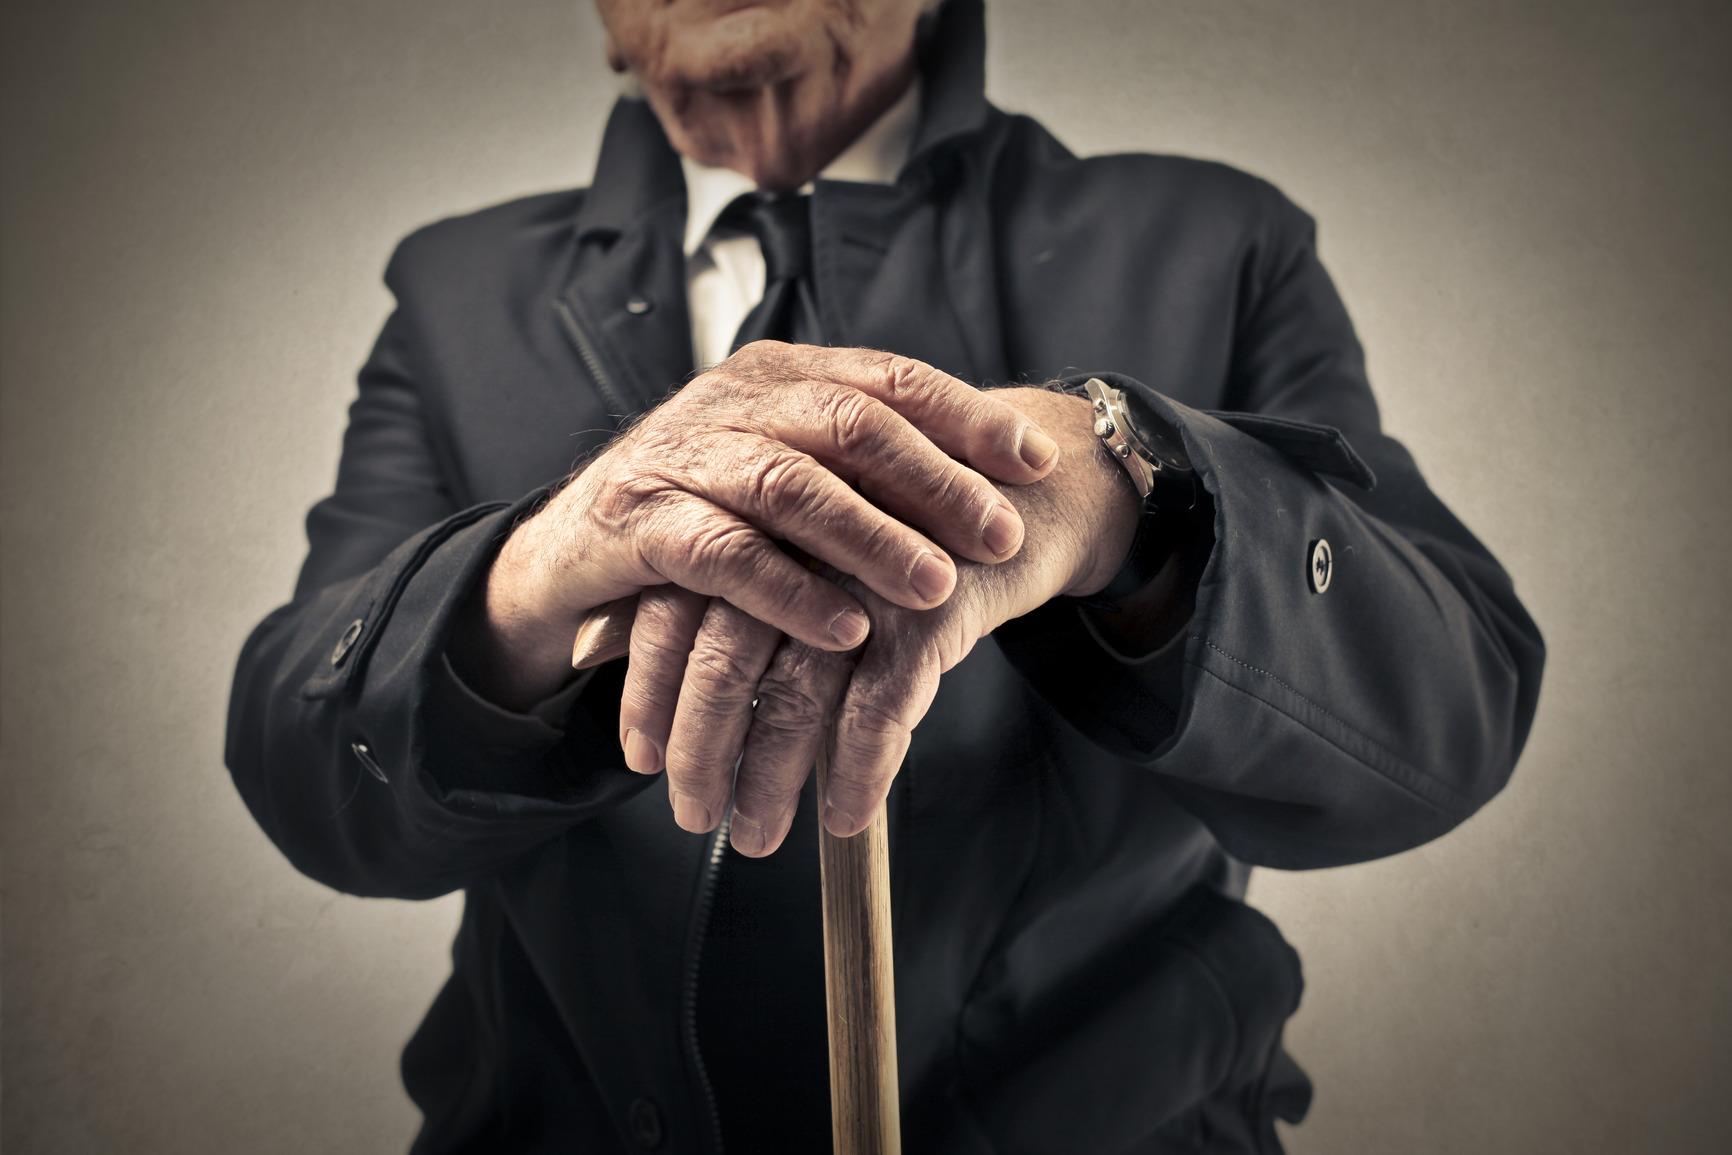 Сокращение работника предпенсионного возраста - досрочная пенсия в 2019 году, увольнение за год, 2 года до пенсии